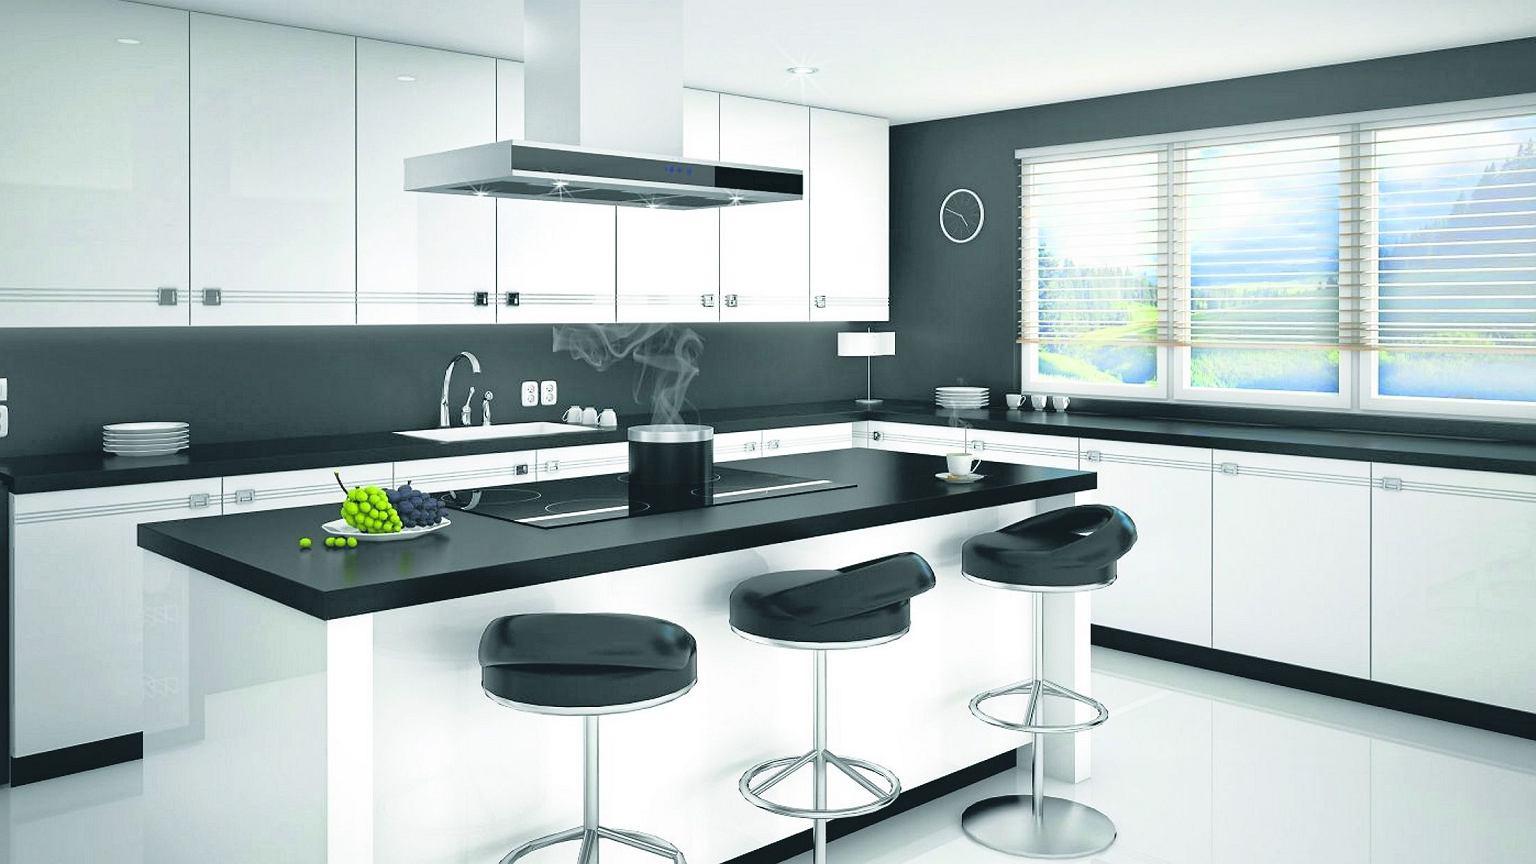 Jaka płyta grzewcza do kuchni  elektryczna czy indukcyjna? -> Kuchnia Gazowa Elektryczna Czy Indukcyjna